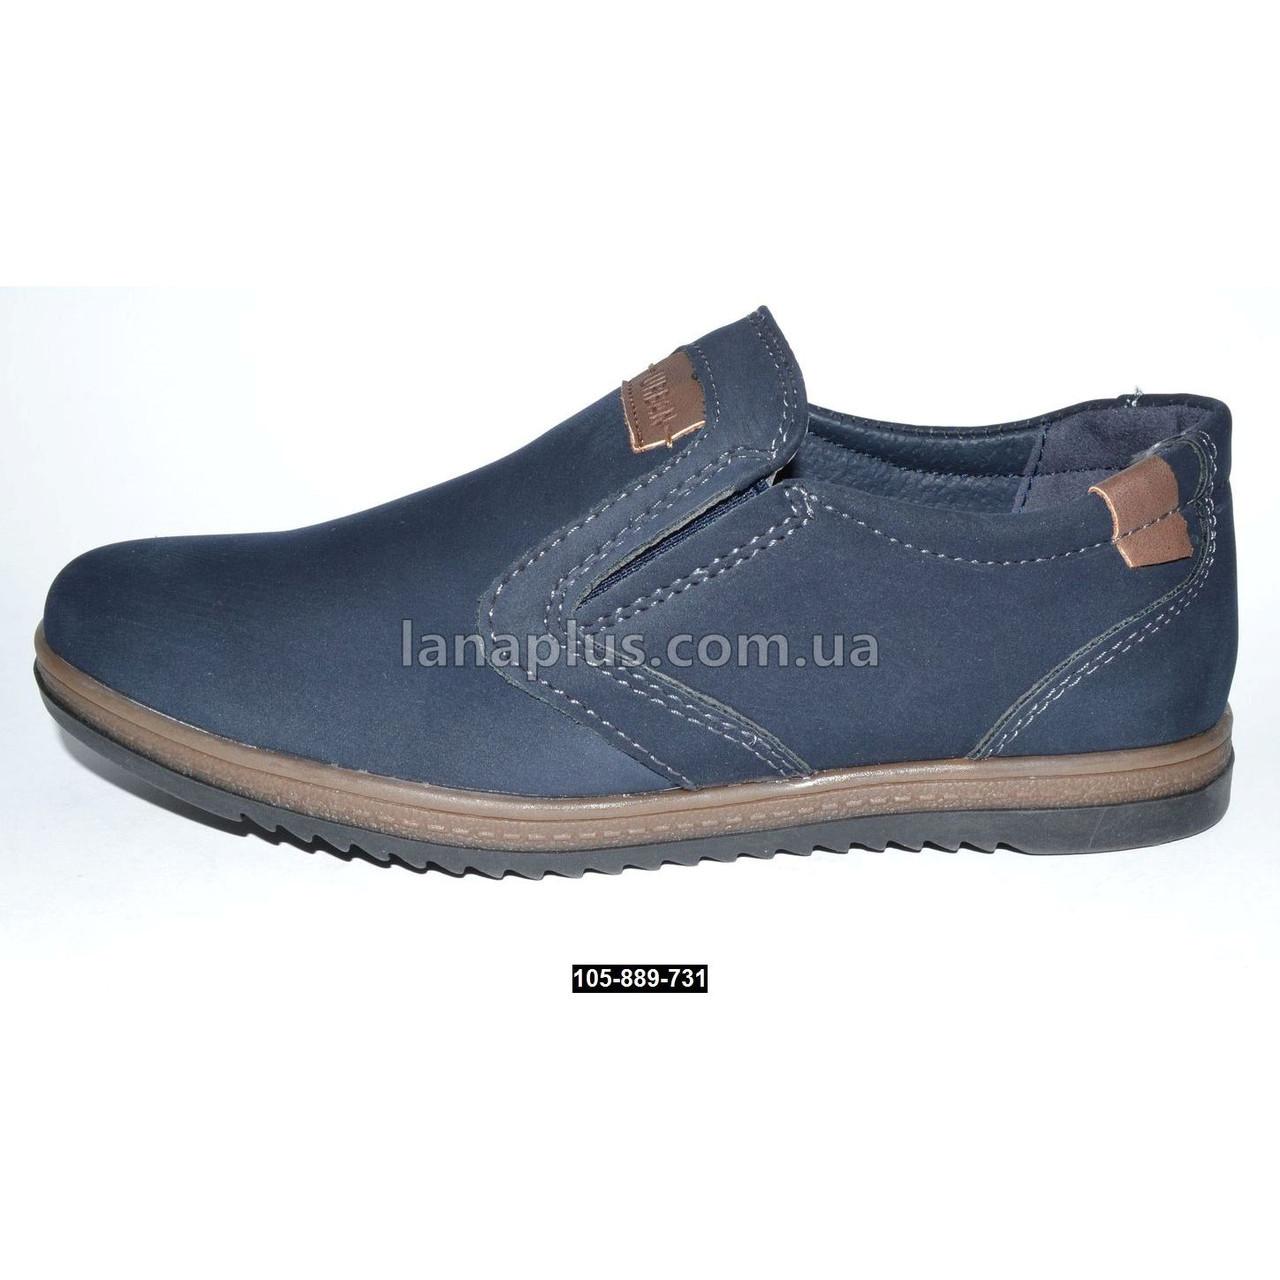 Туфли для мальчика 29 размер (18.8 см), супинатор, 105-889-731